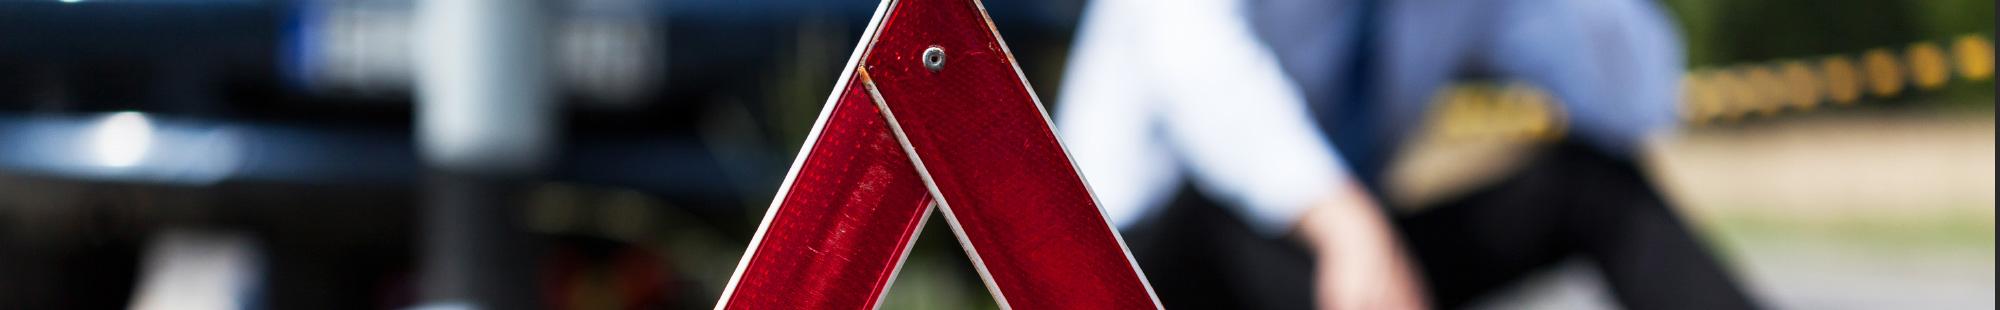 drogowy trójkąt ostrzegawczy